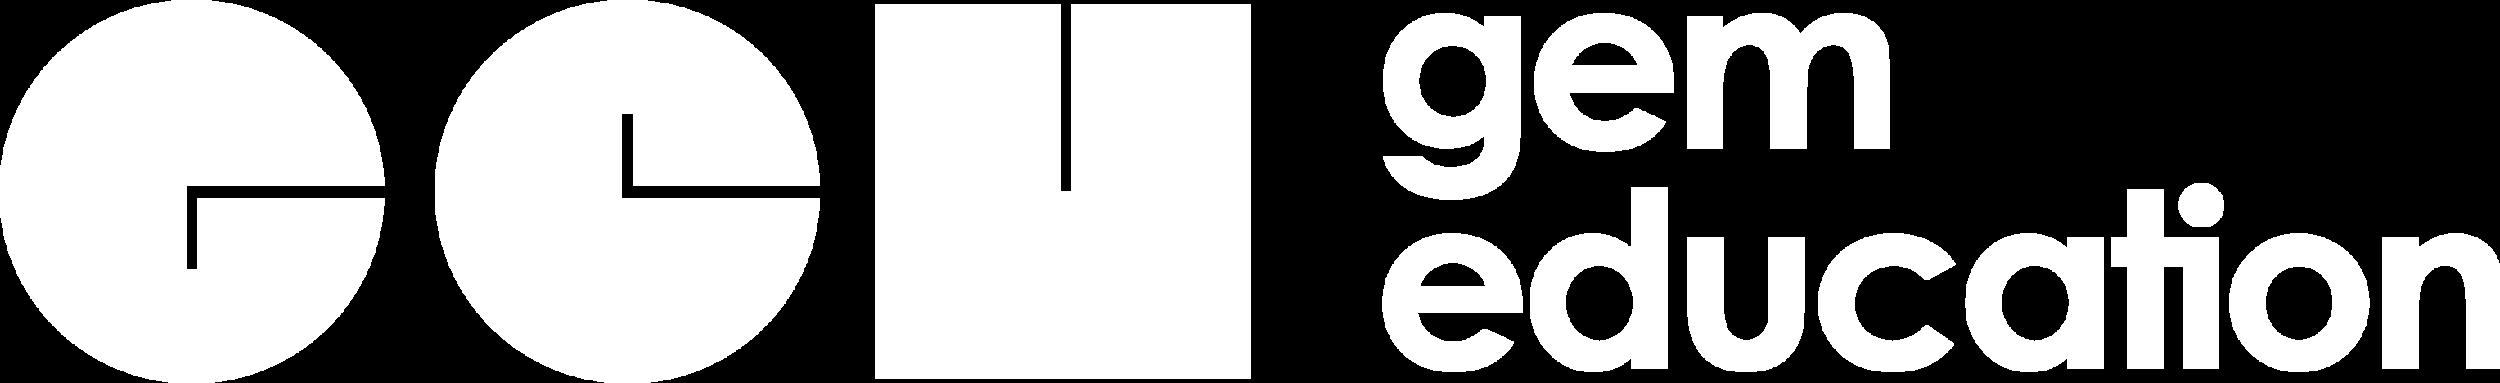 gem_logo_allwhite-01 copy.png